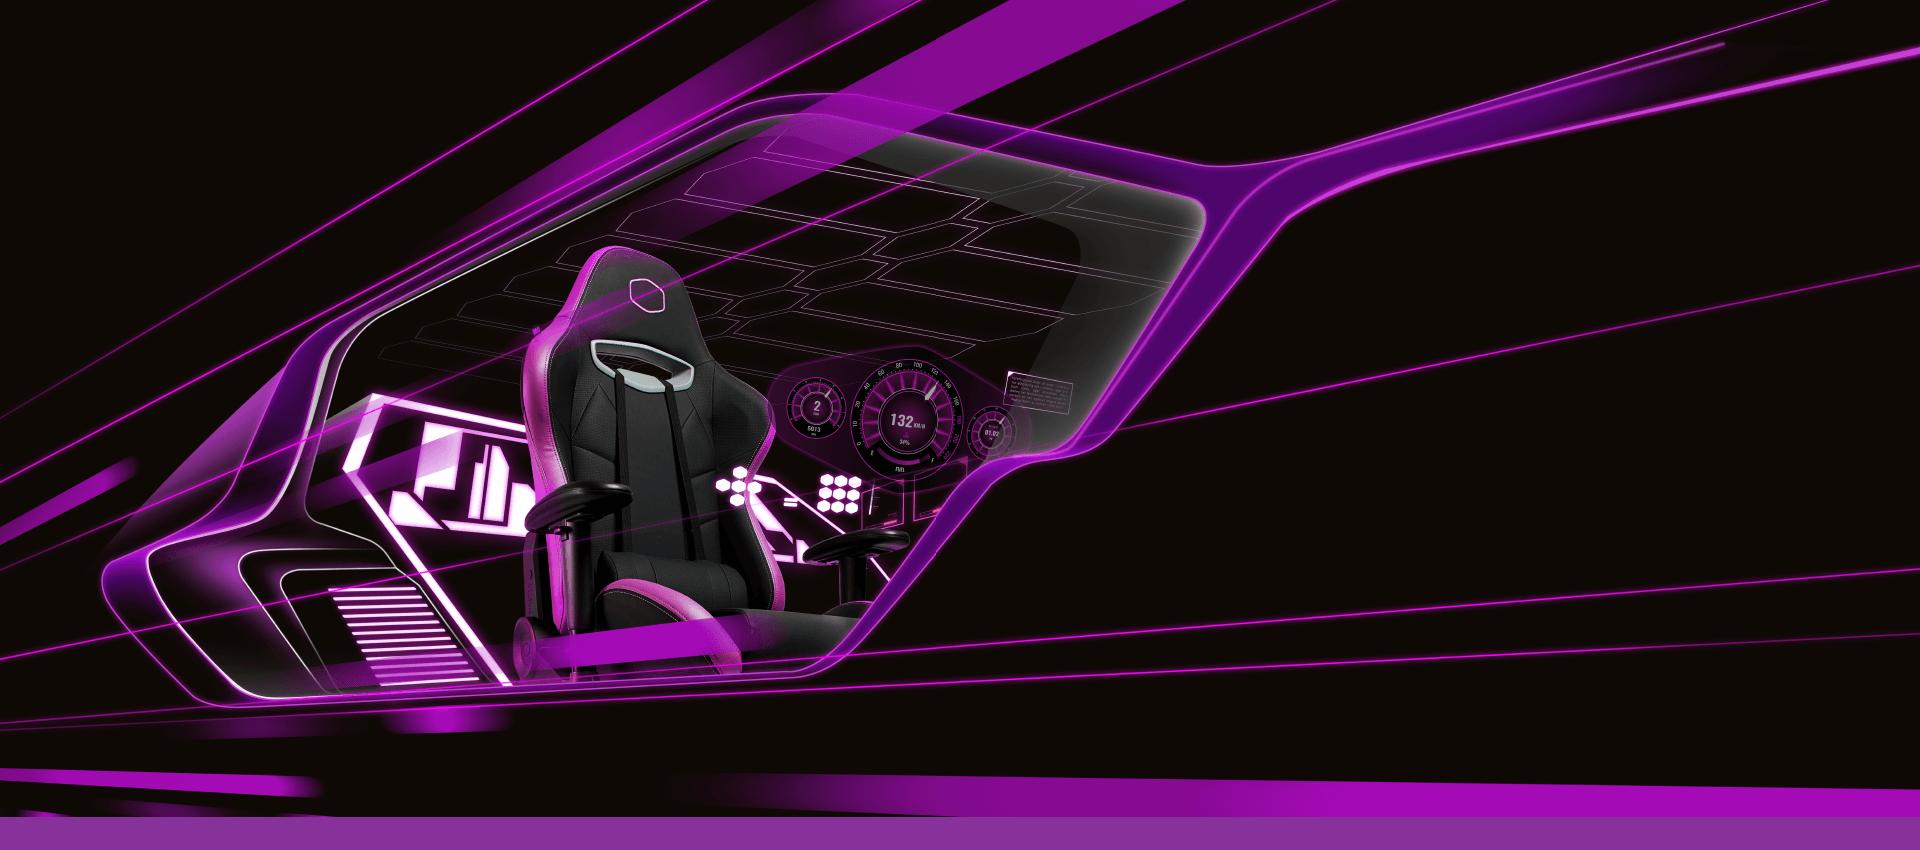 Giới thiệu Ghế Gamer CoolerMaster Caliber R2 CM Purple (CMI-GCR2-2019)